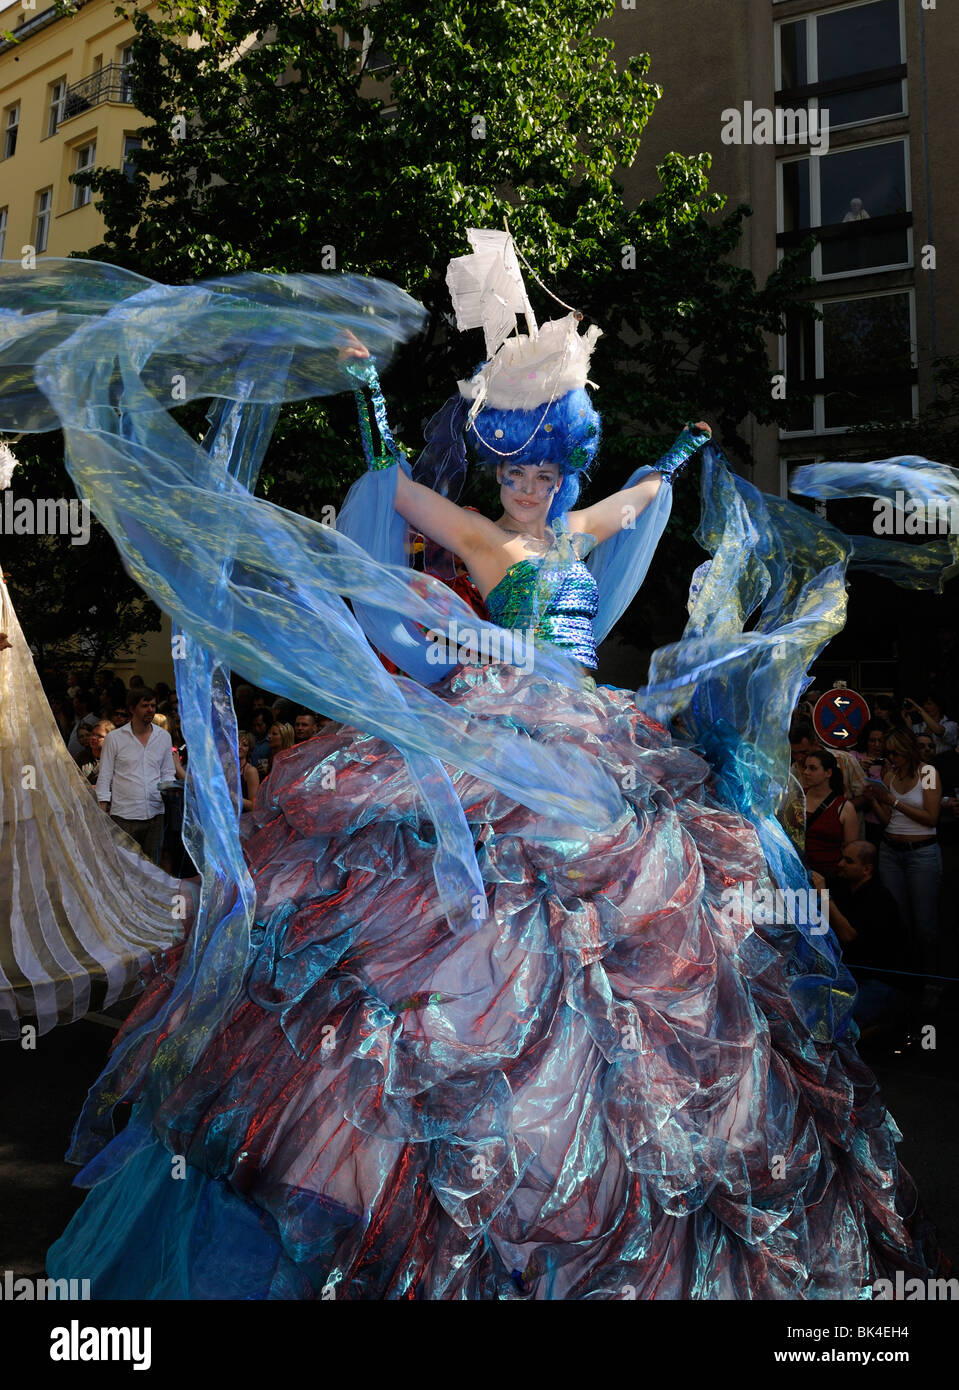 Karneval der Kulturen, Karneval der Kulturen, Berlin, Kreuzberg-Bezirk, Deutschland, Europa. Stockbild